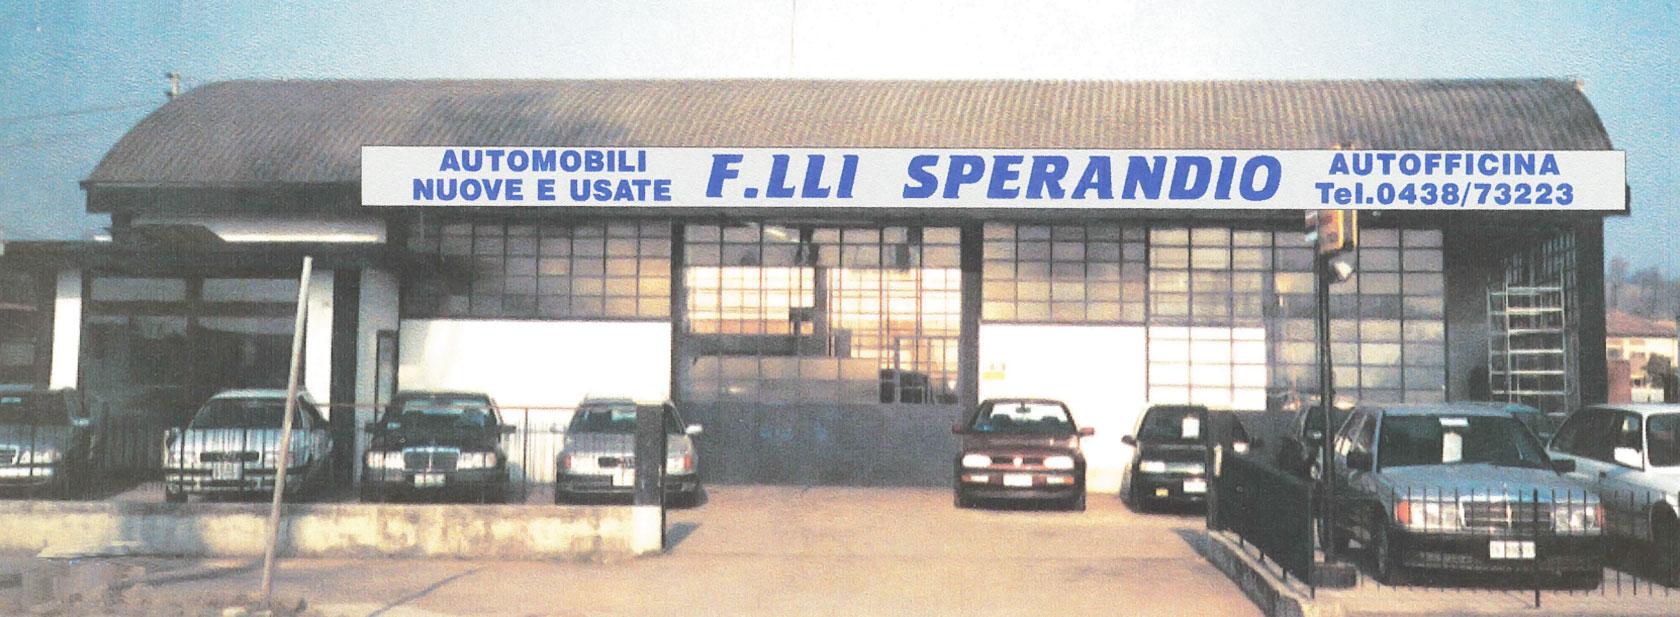 Storia dell'Azienda Auto Sperandio: 1983 - 2000